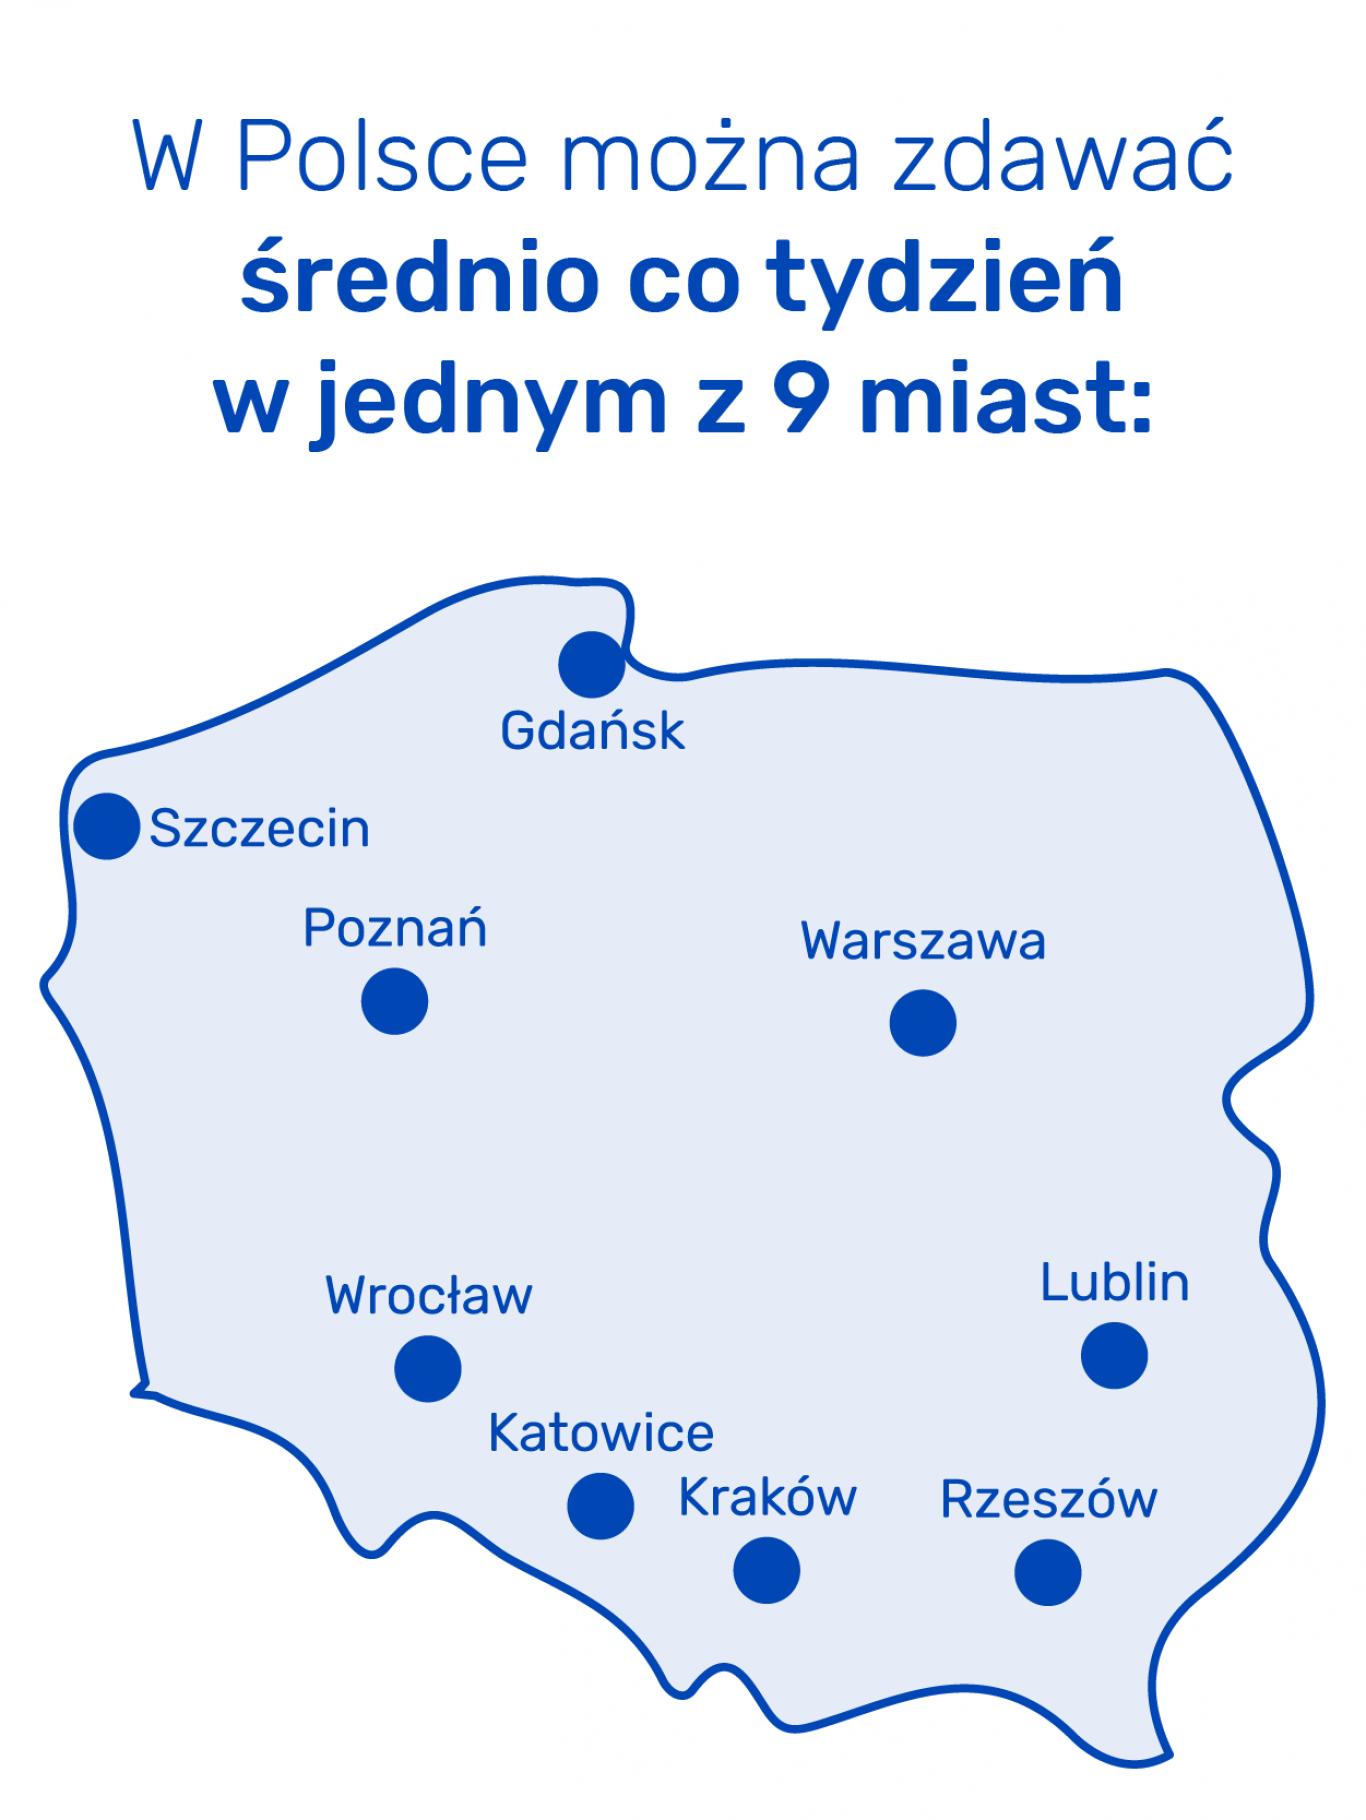 Egzamin IELTS można zdawać w wielu miastach w Polsce m.in. Warszawie, Krakowie i Wrocławiu